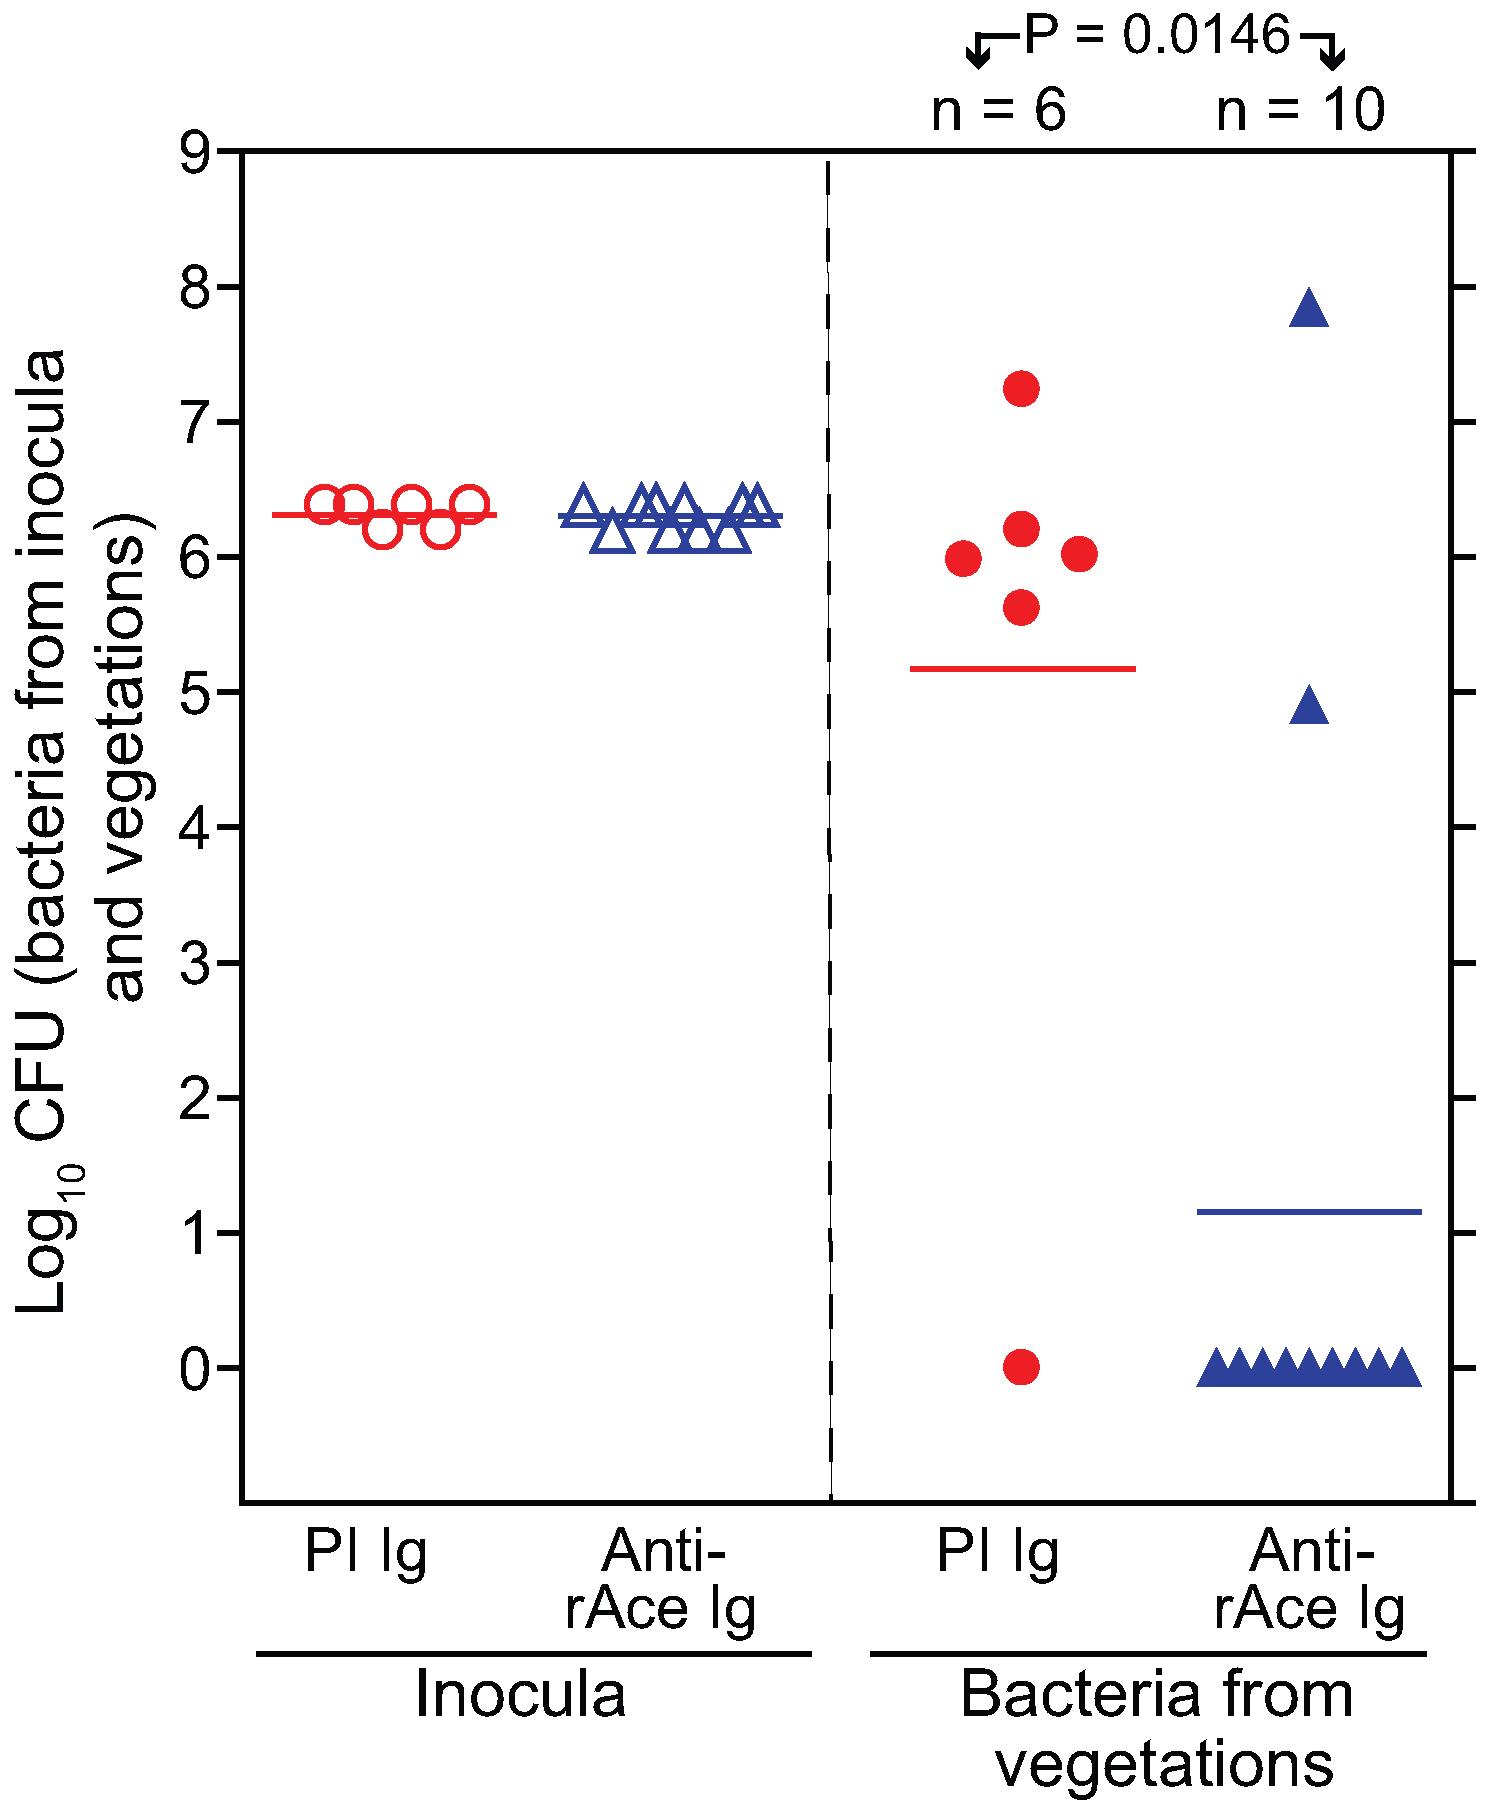 Passive immunization (anti-rAce Ig versus PI Ig) in rat endocarditis model.